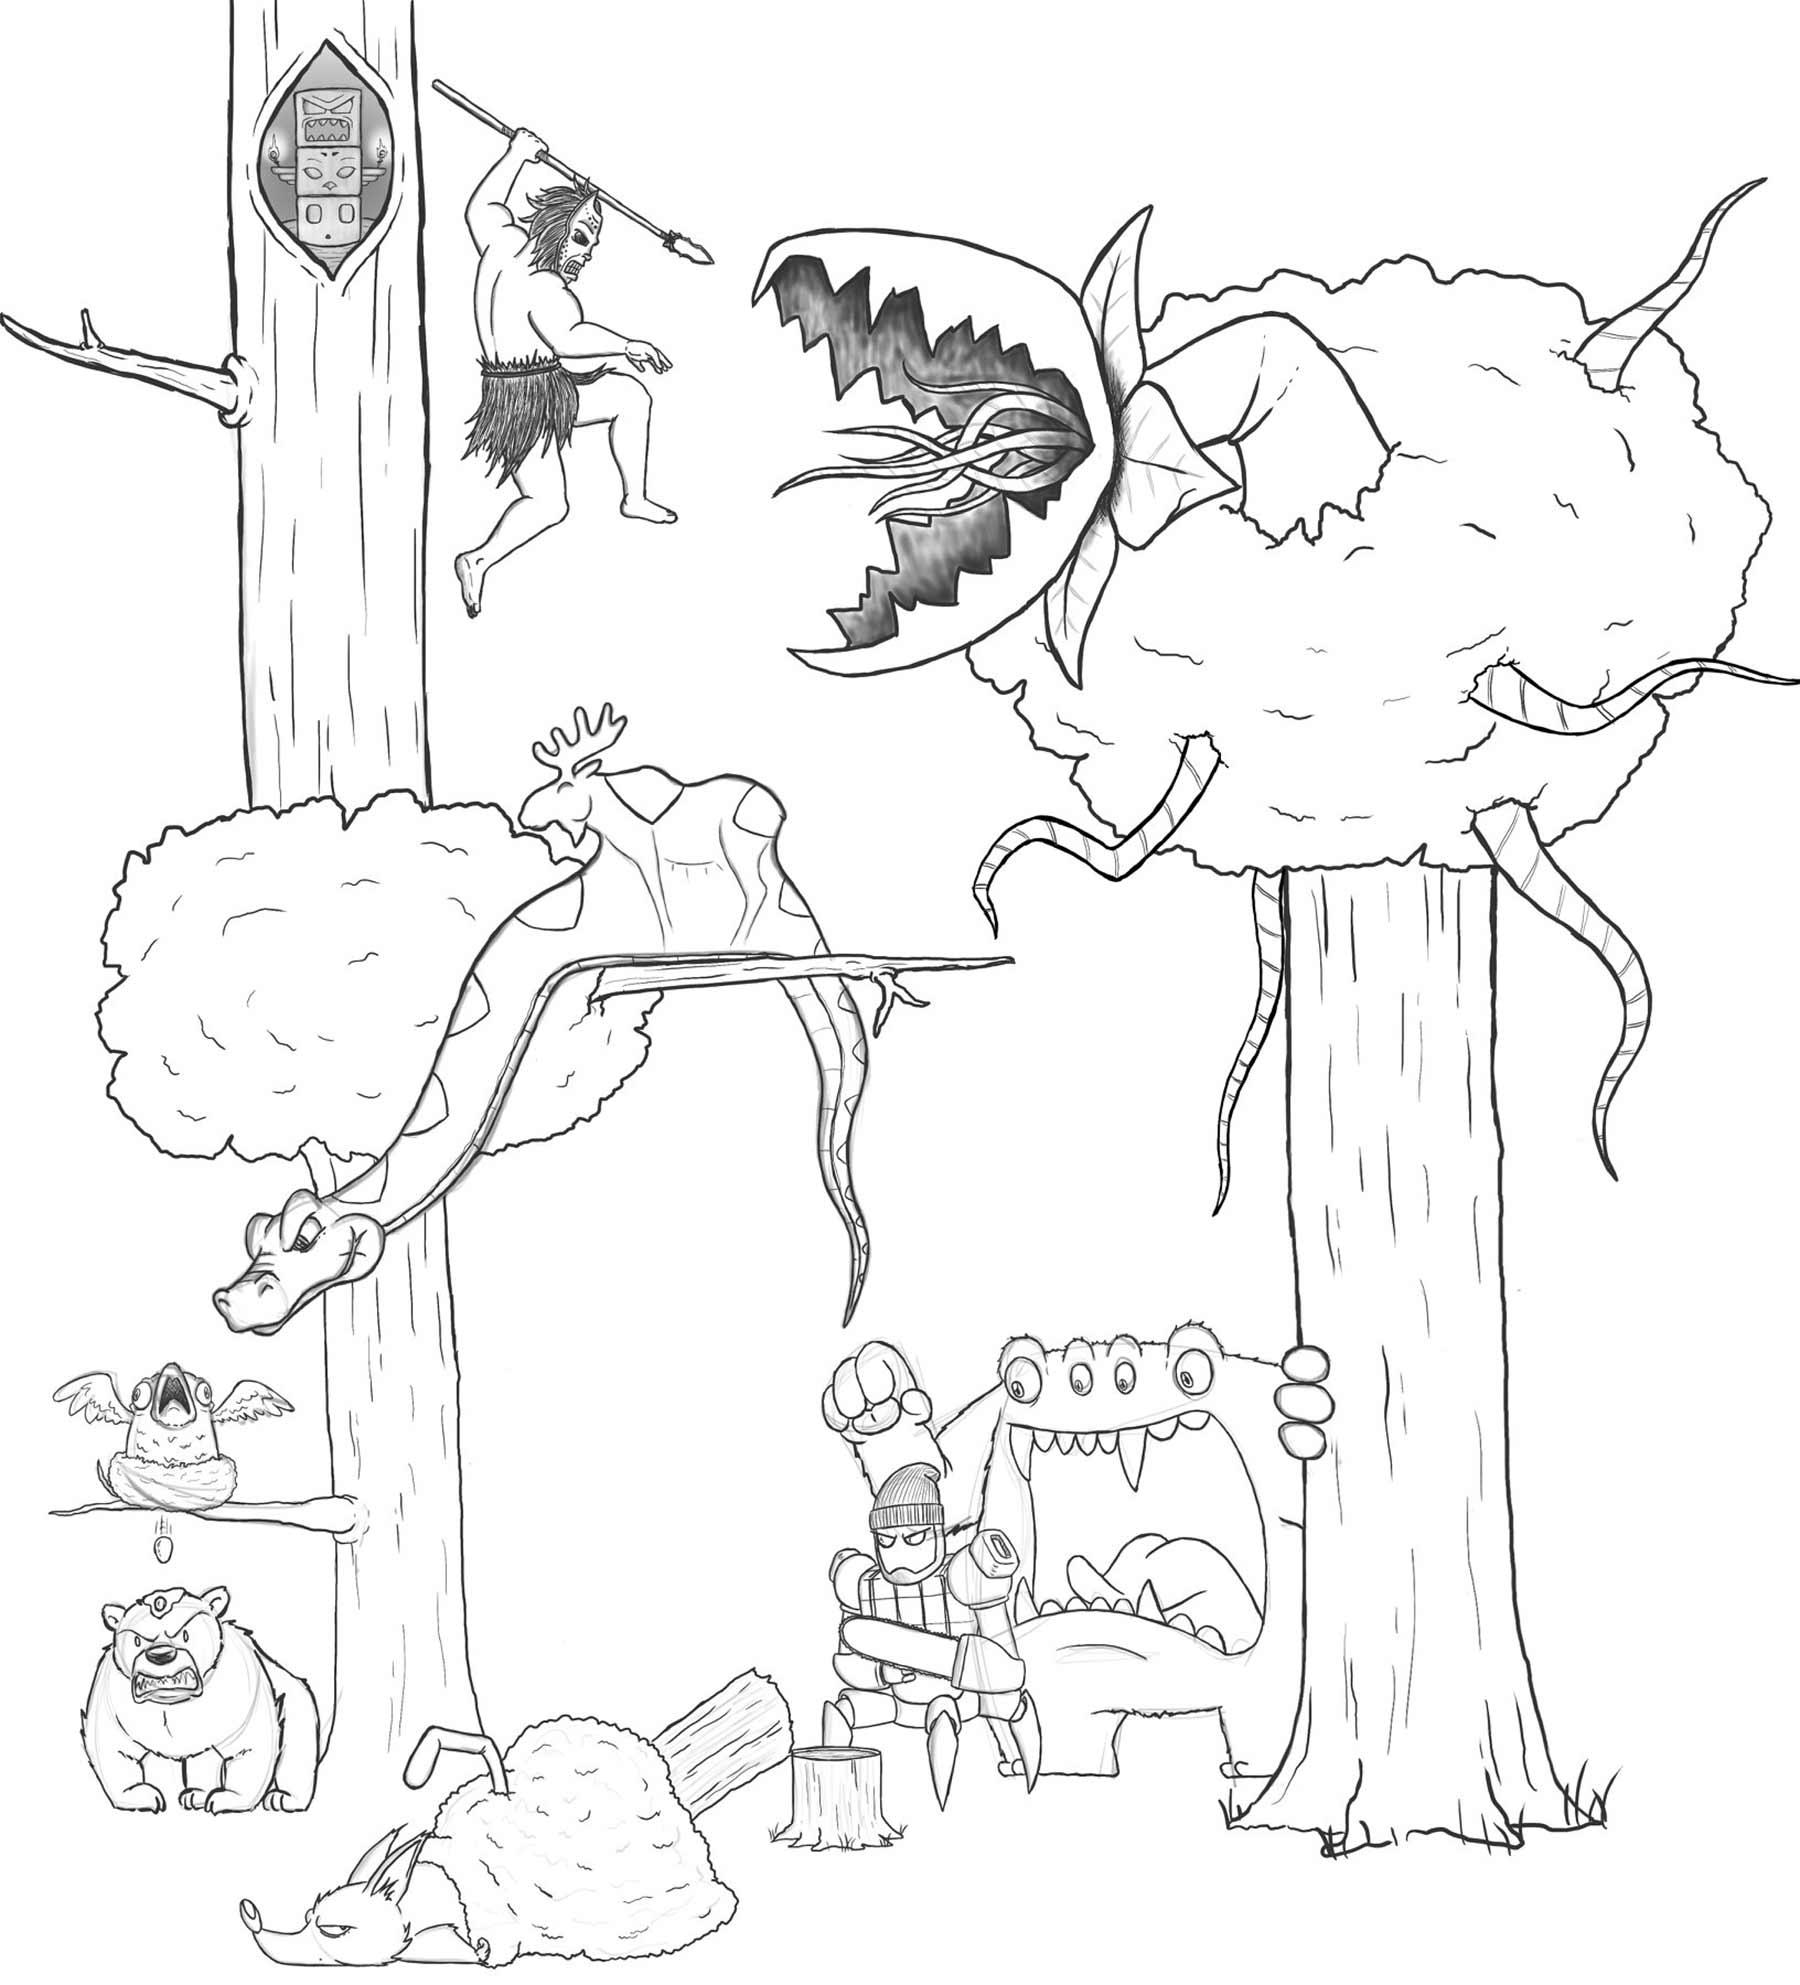 Eric Keledjian hat dieser Zeichnung jeden Tag eine Figur hinzugefügt Eric-Keledjian_19-tage-zeichnung_10